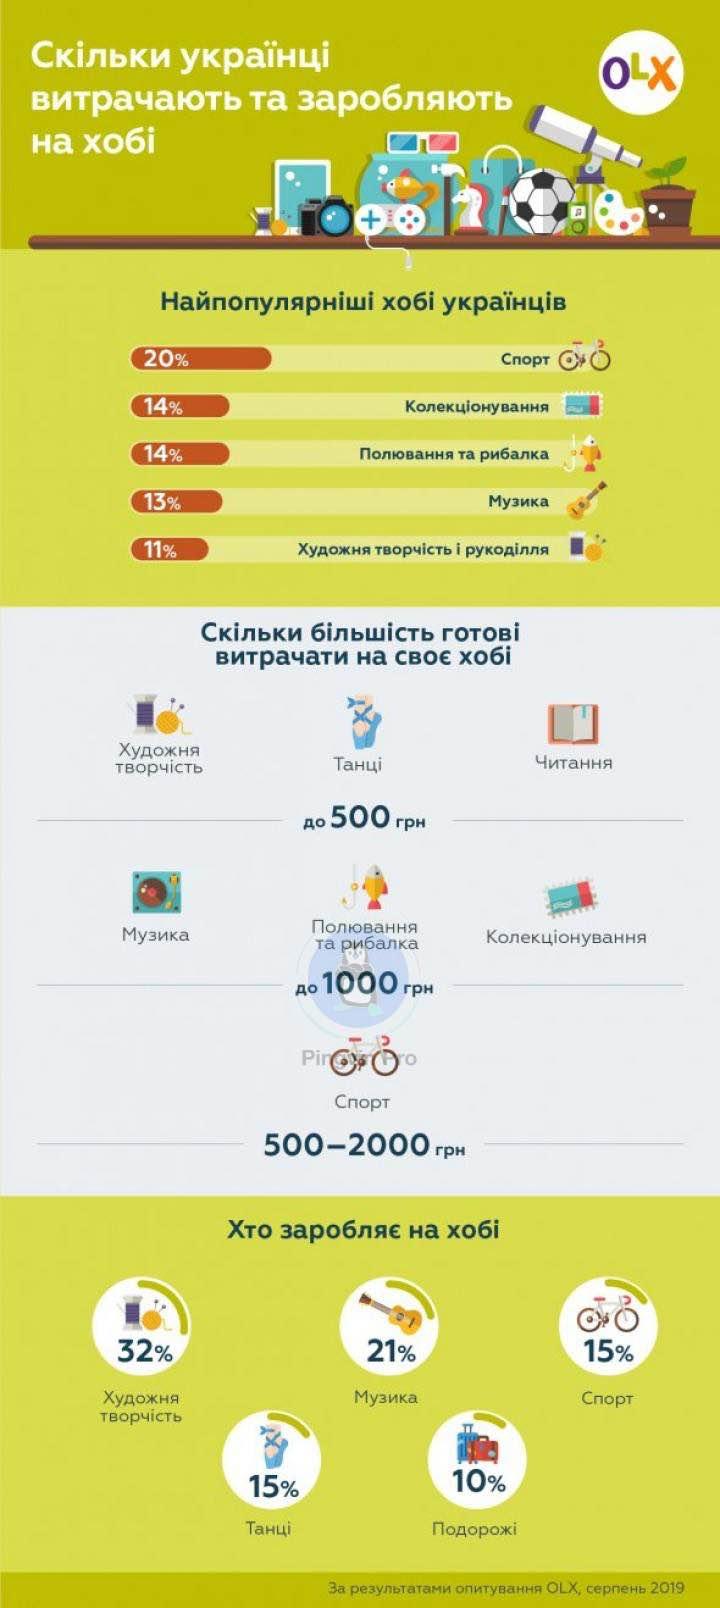 OLX опублікував статистику про захоплення українців